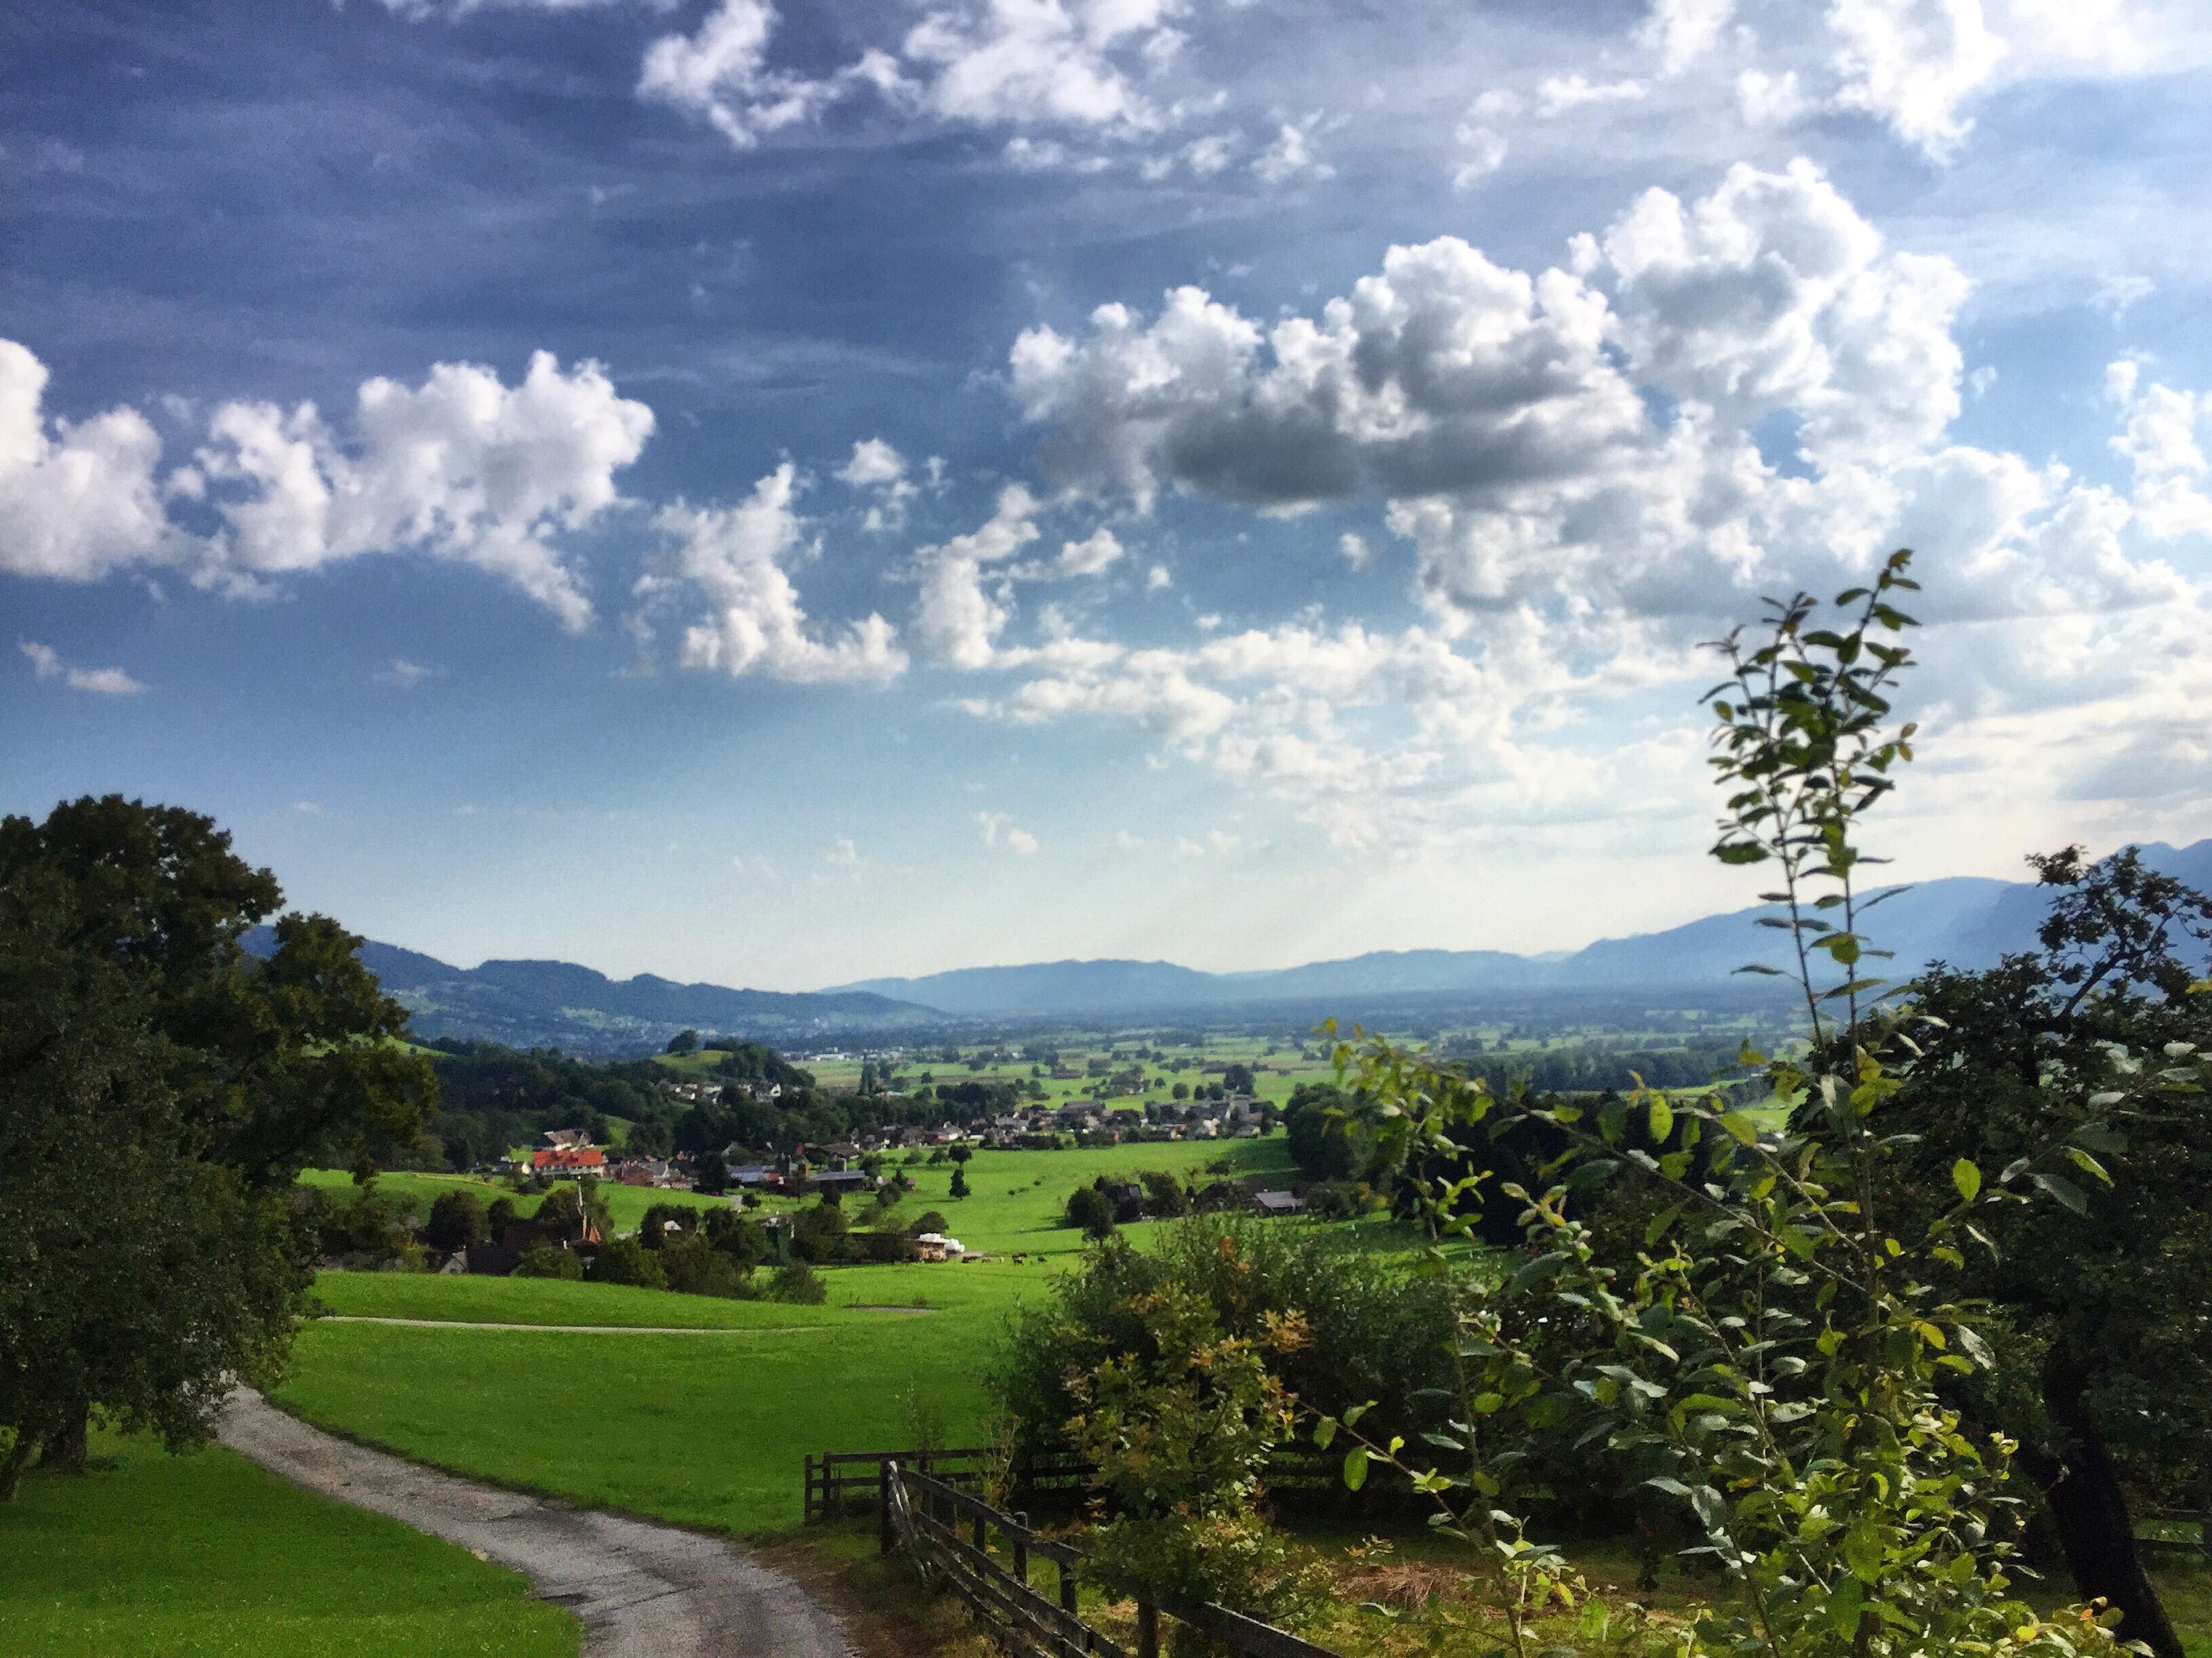 Ik geniet echt enorm van de mooie uitzichten